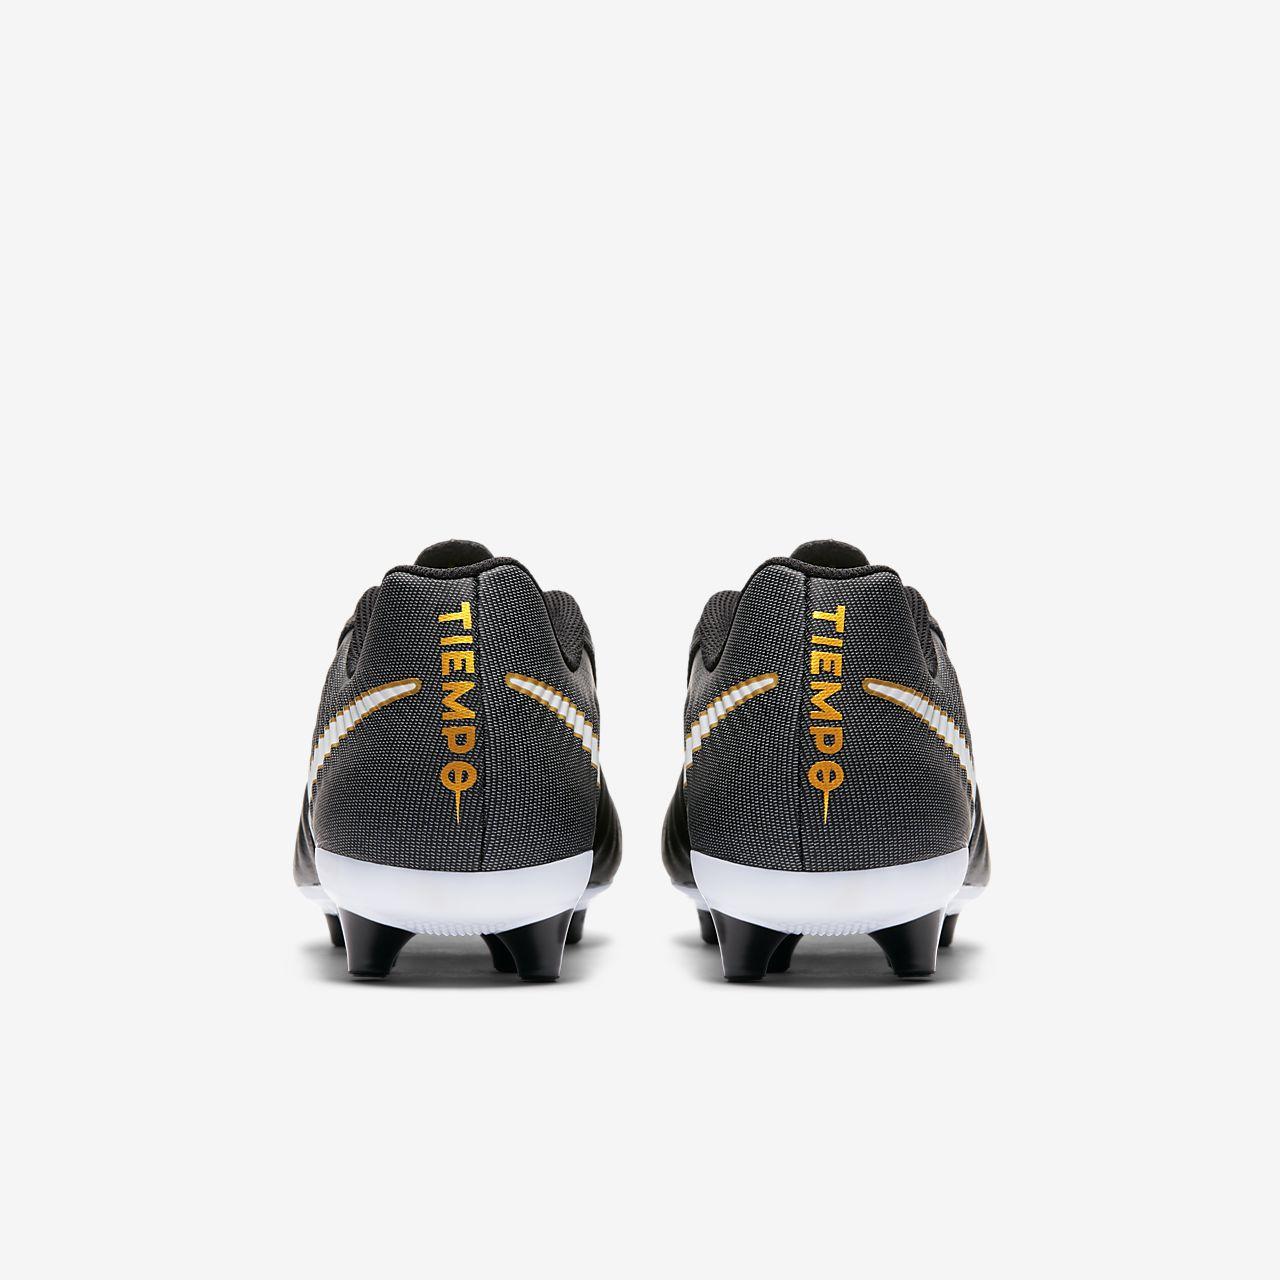 Nike Tiempo Ligera IV AG-PRO Fußballschuh für Kunstrasen